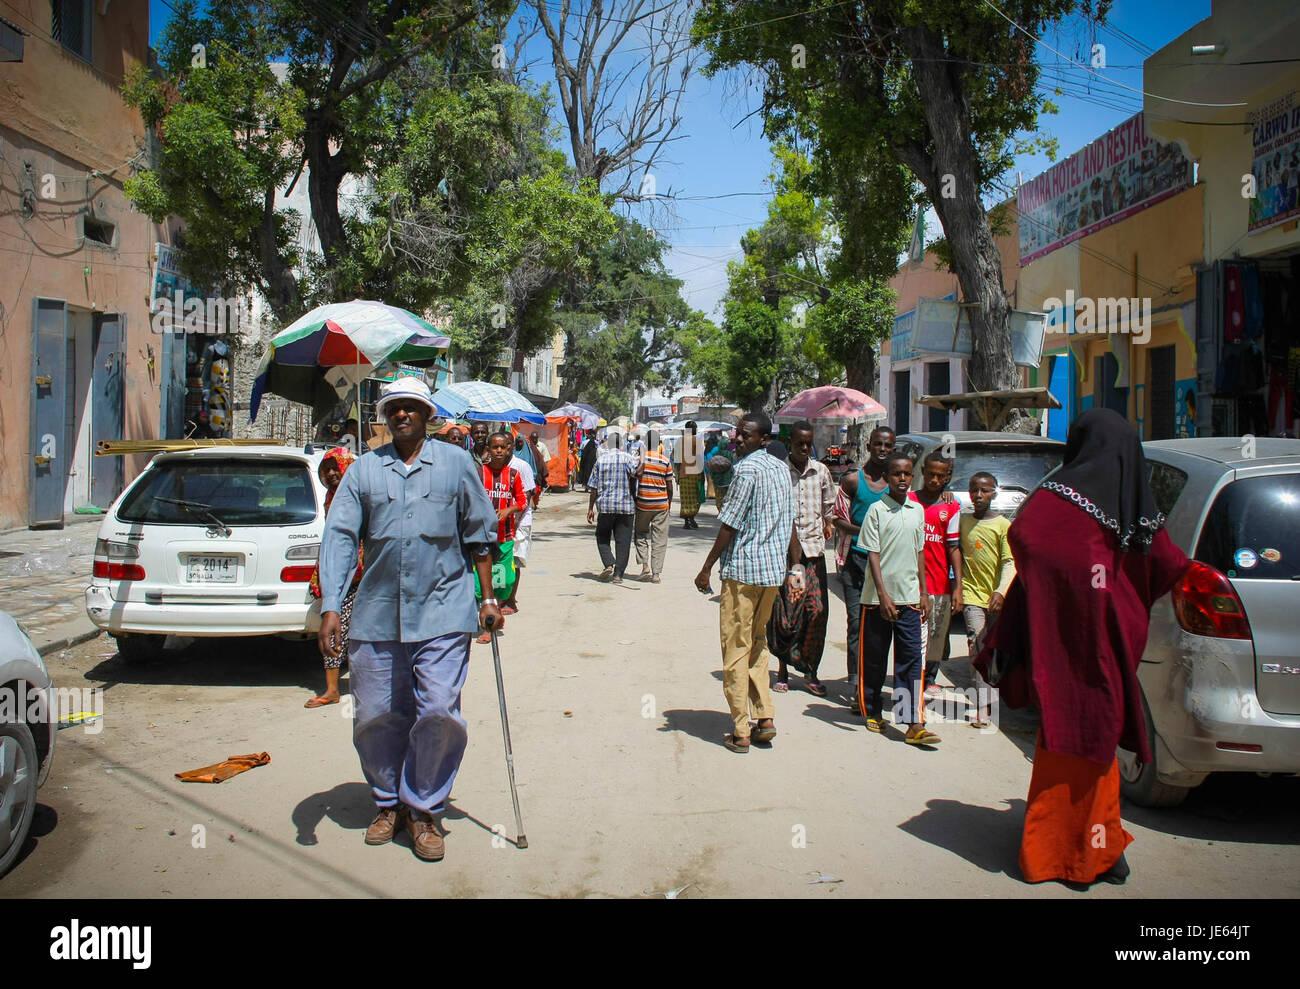 2013 08 05 Mogadishu Life Economy 001 (9454732601) - Stock Image